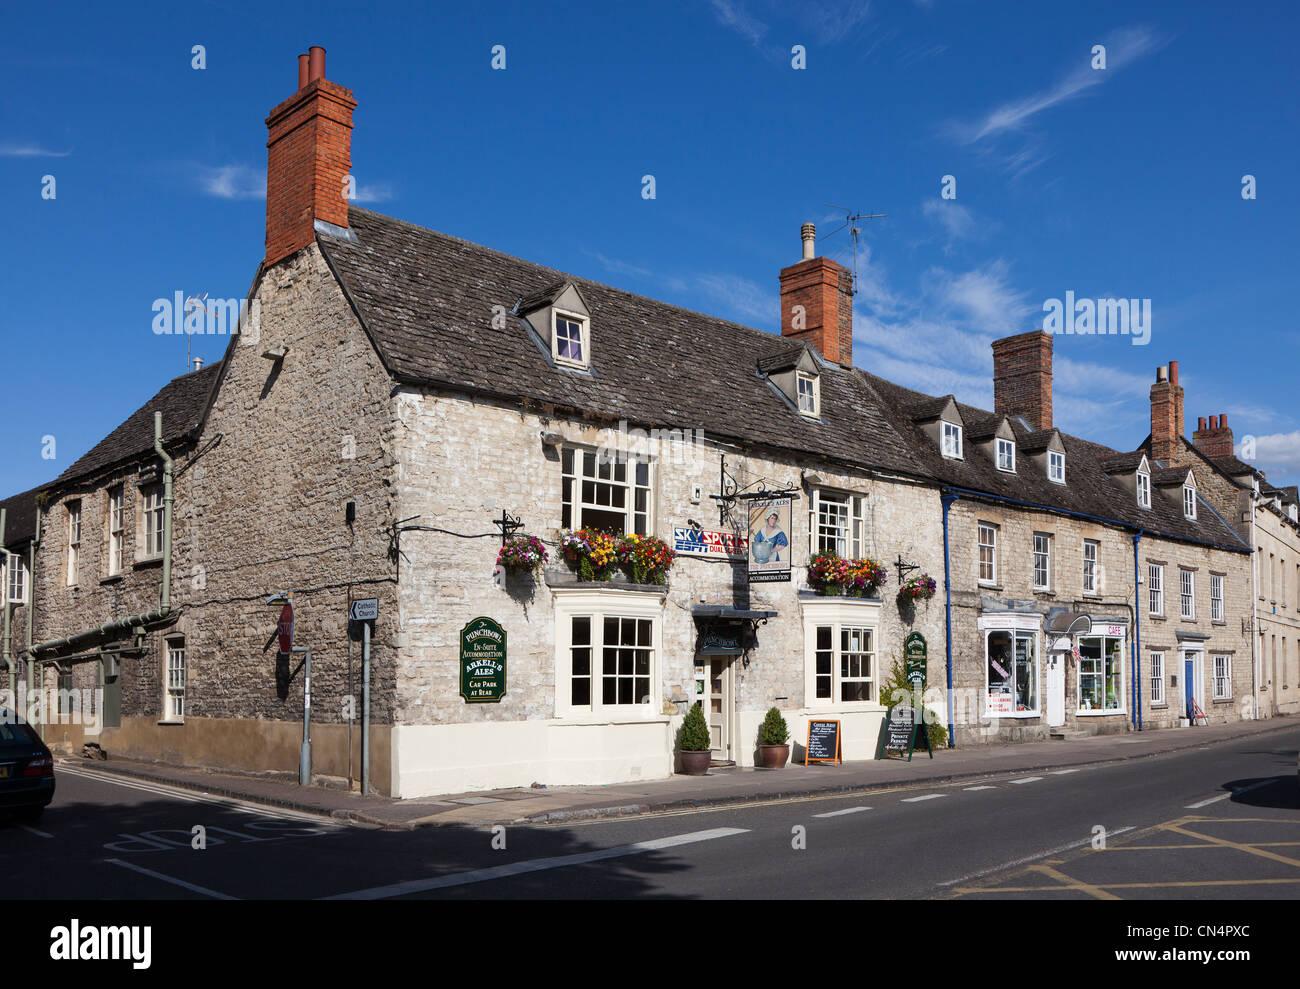 The Punchbowl public house, Woodstock, Oxfordshire, UK - Stock Image